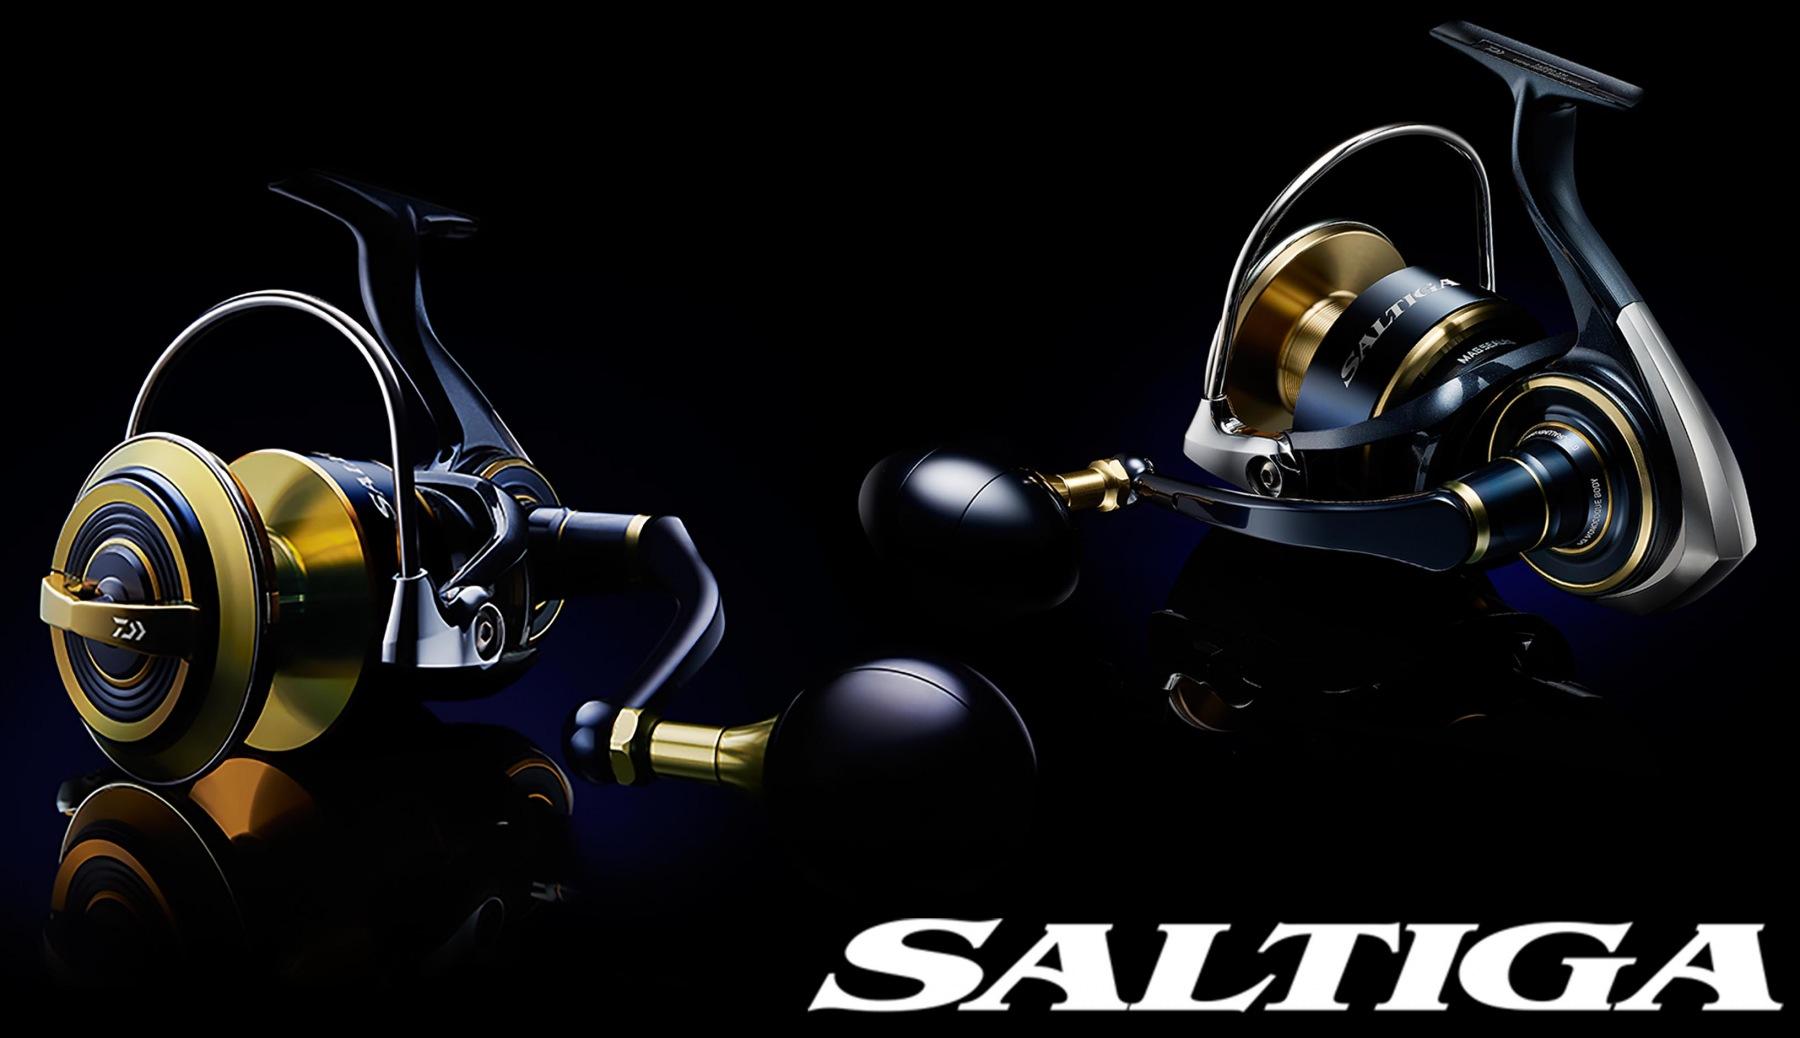 saltiga13.jpg